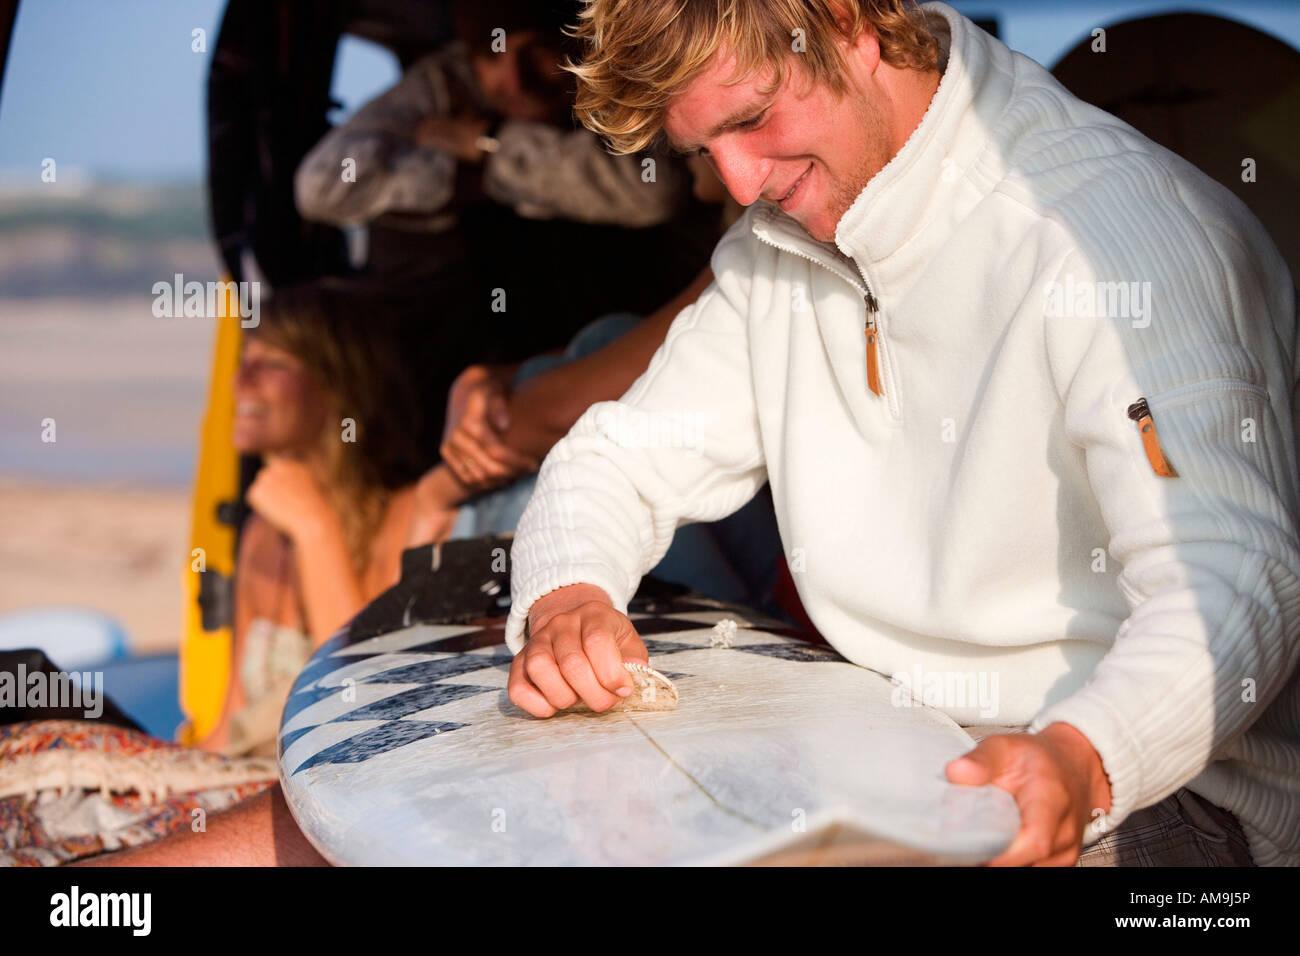 Der Mensch wachsen Surfbrett mit paar lächelnd im Hintergrund. Stockbild